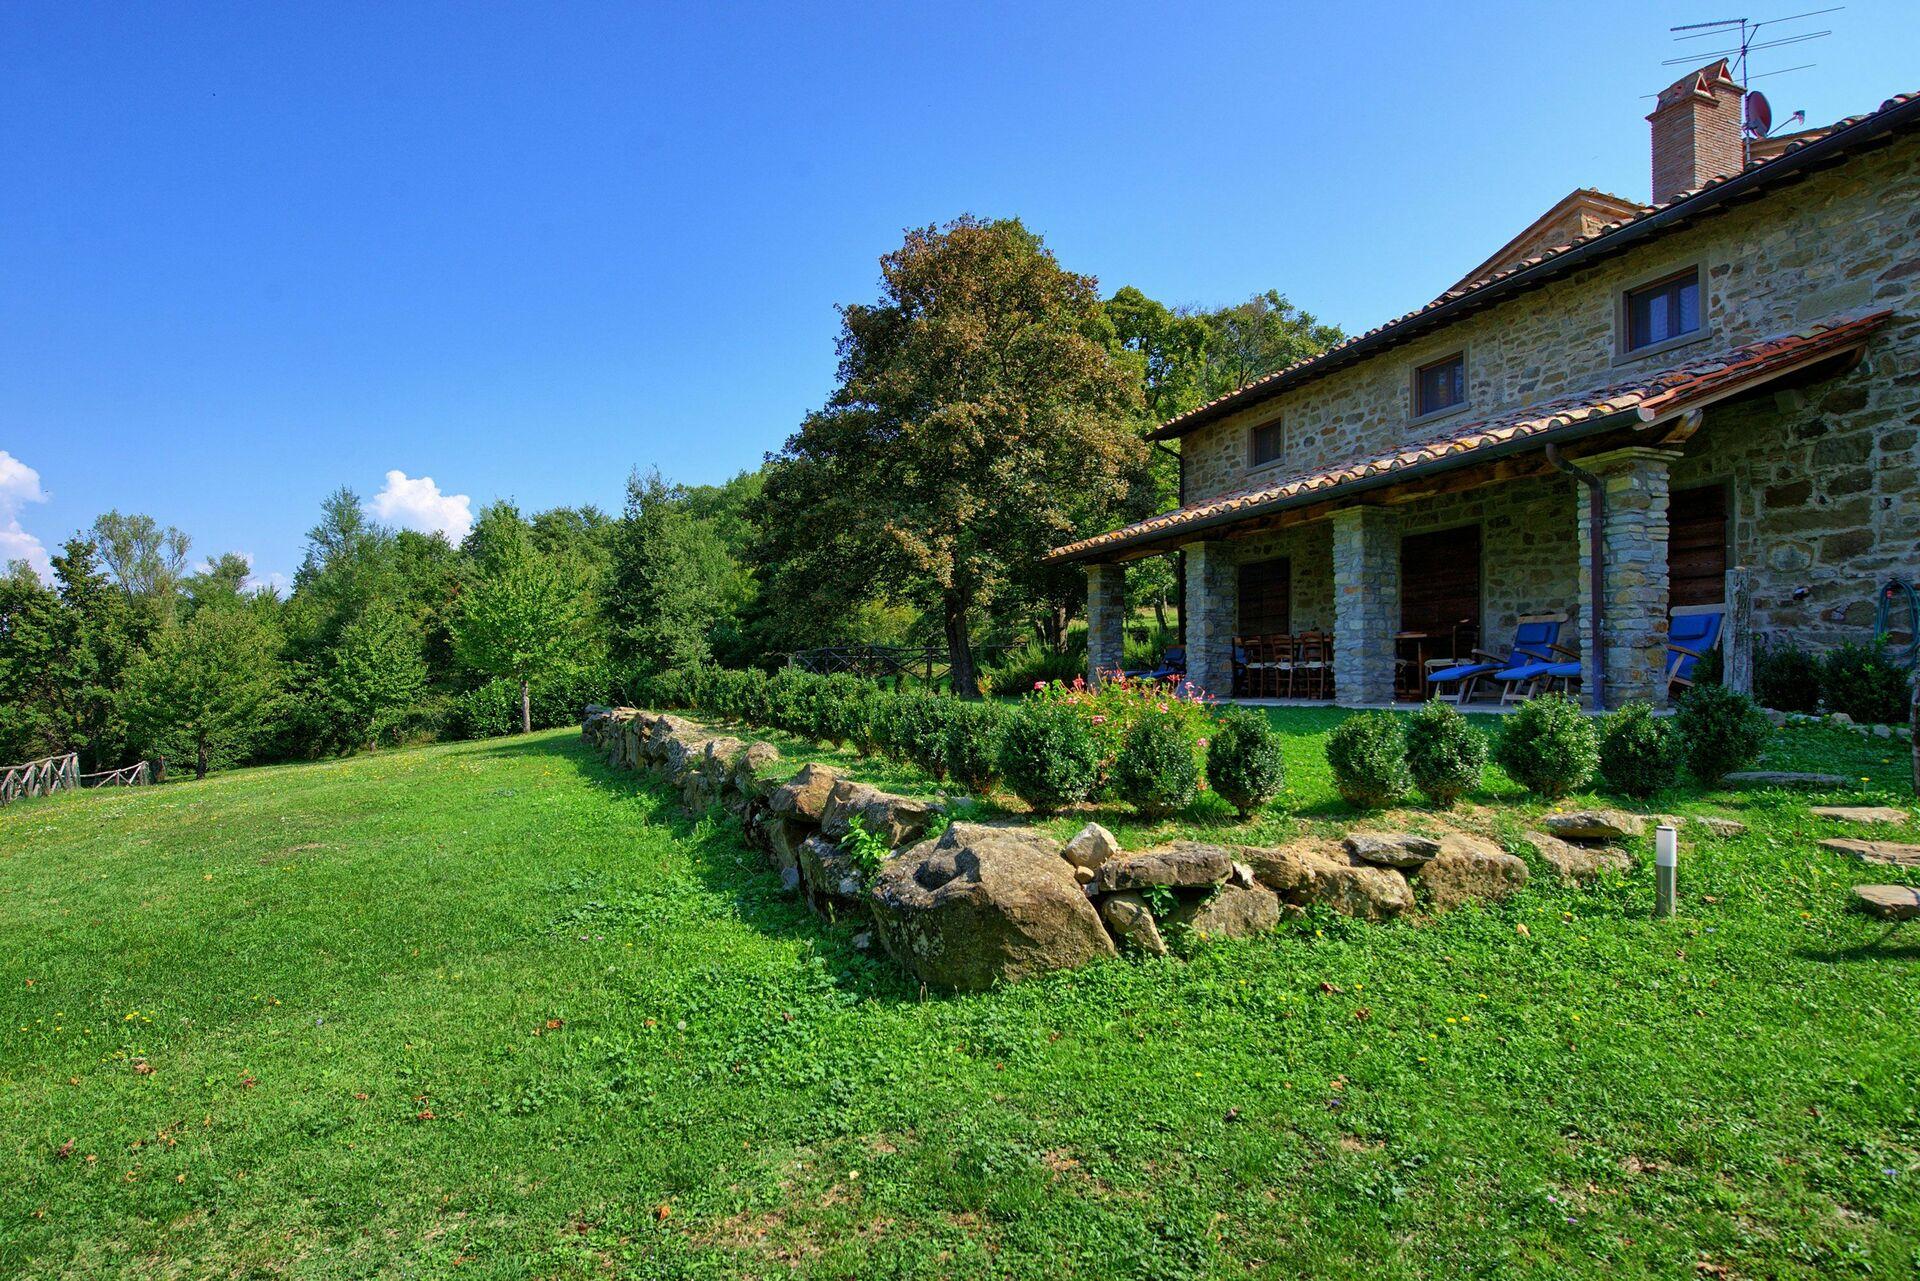 Villa cretole casa vacanze con 12 posti letto in 6 for Casa con 6 camere da letto in vendita vicino a me